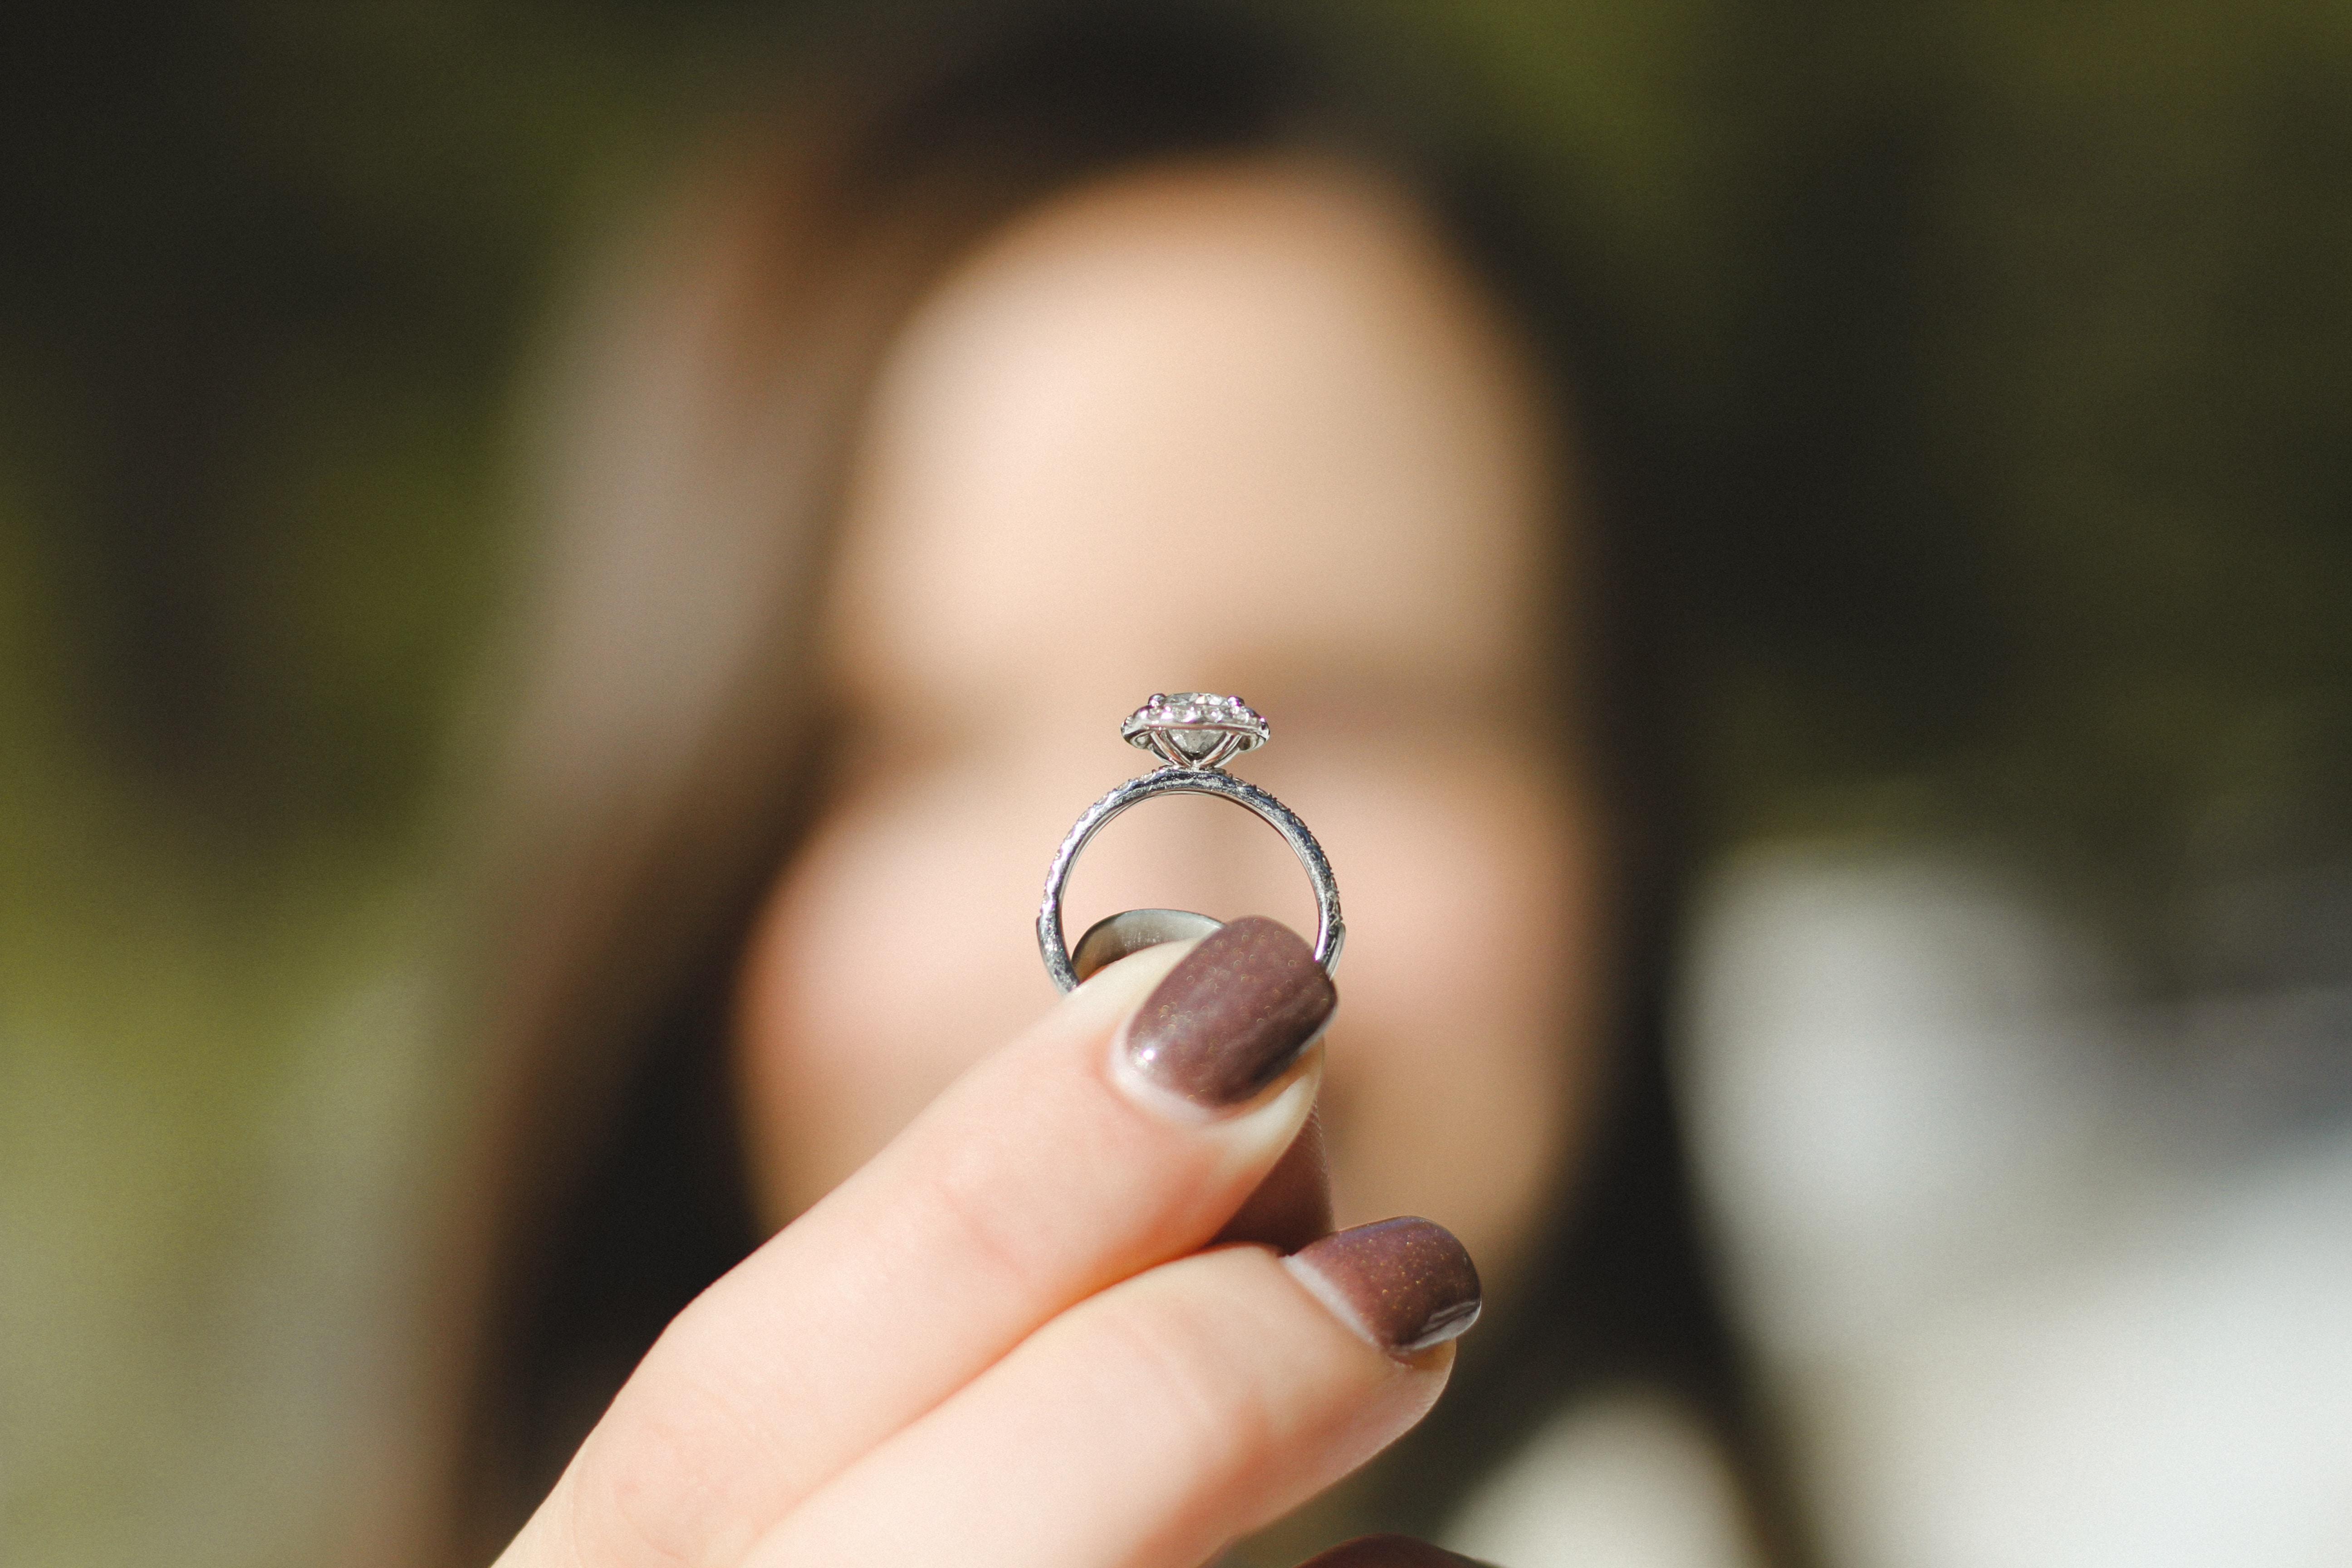 Entretien d'une bague diamant